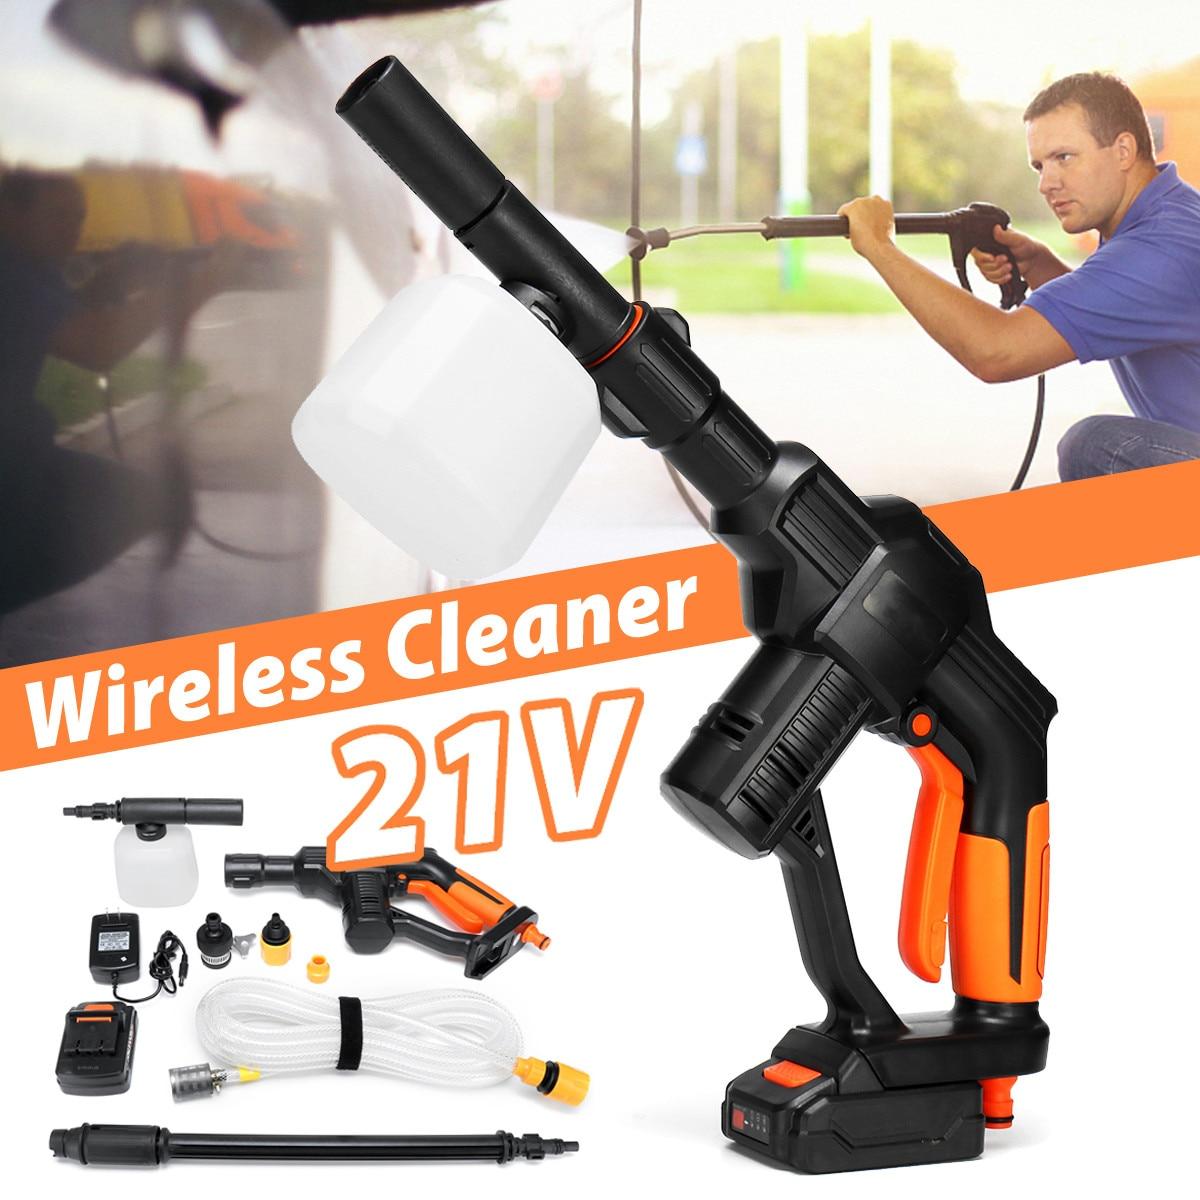 21V беспроводной очиститель высокого давления универсальный 1/4 фитинг беспроводной портативный моющий инструмент для автомойки